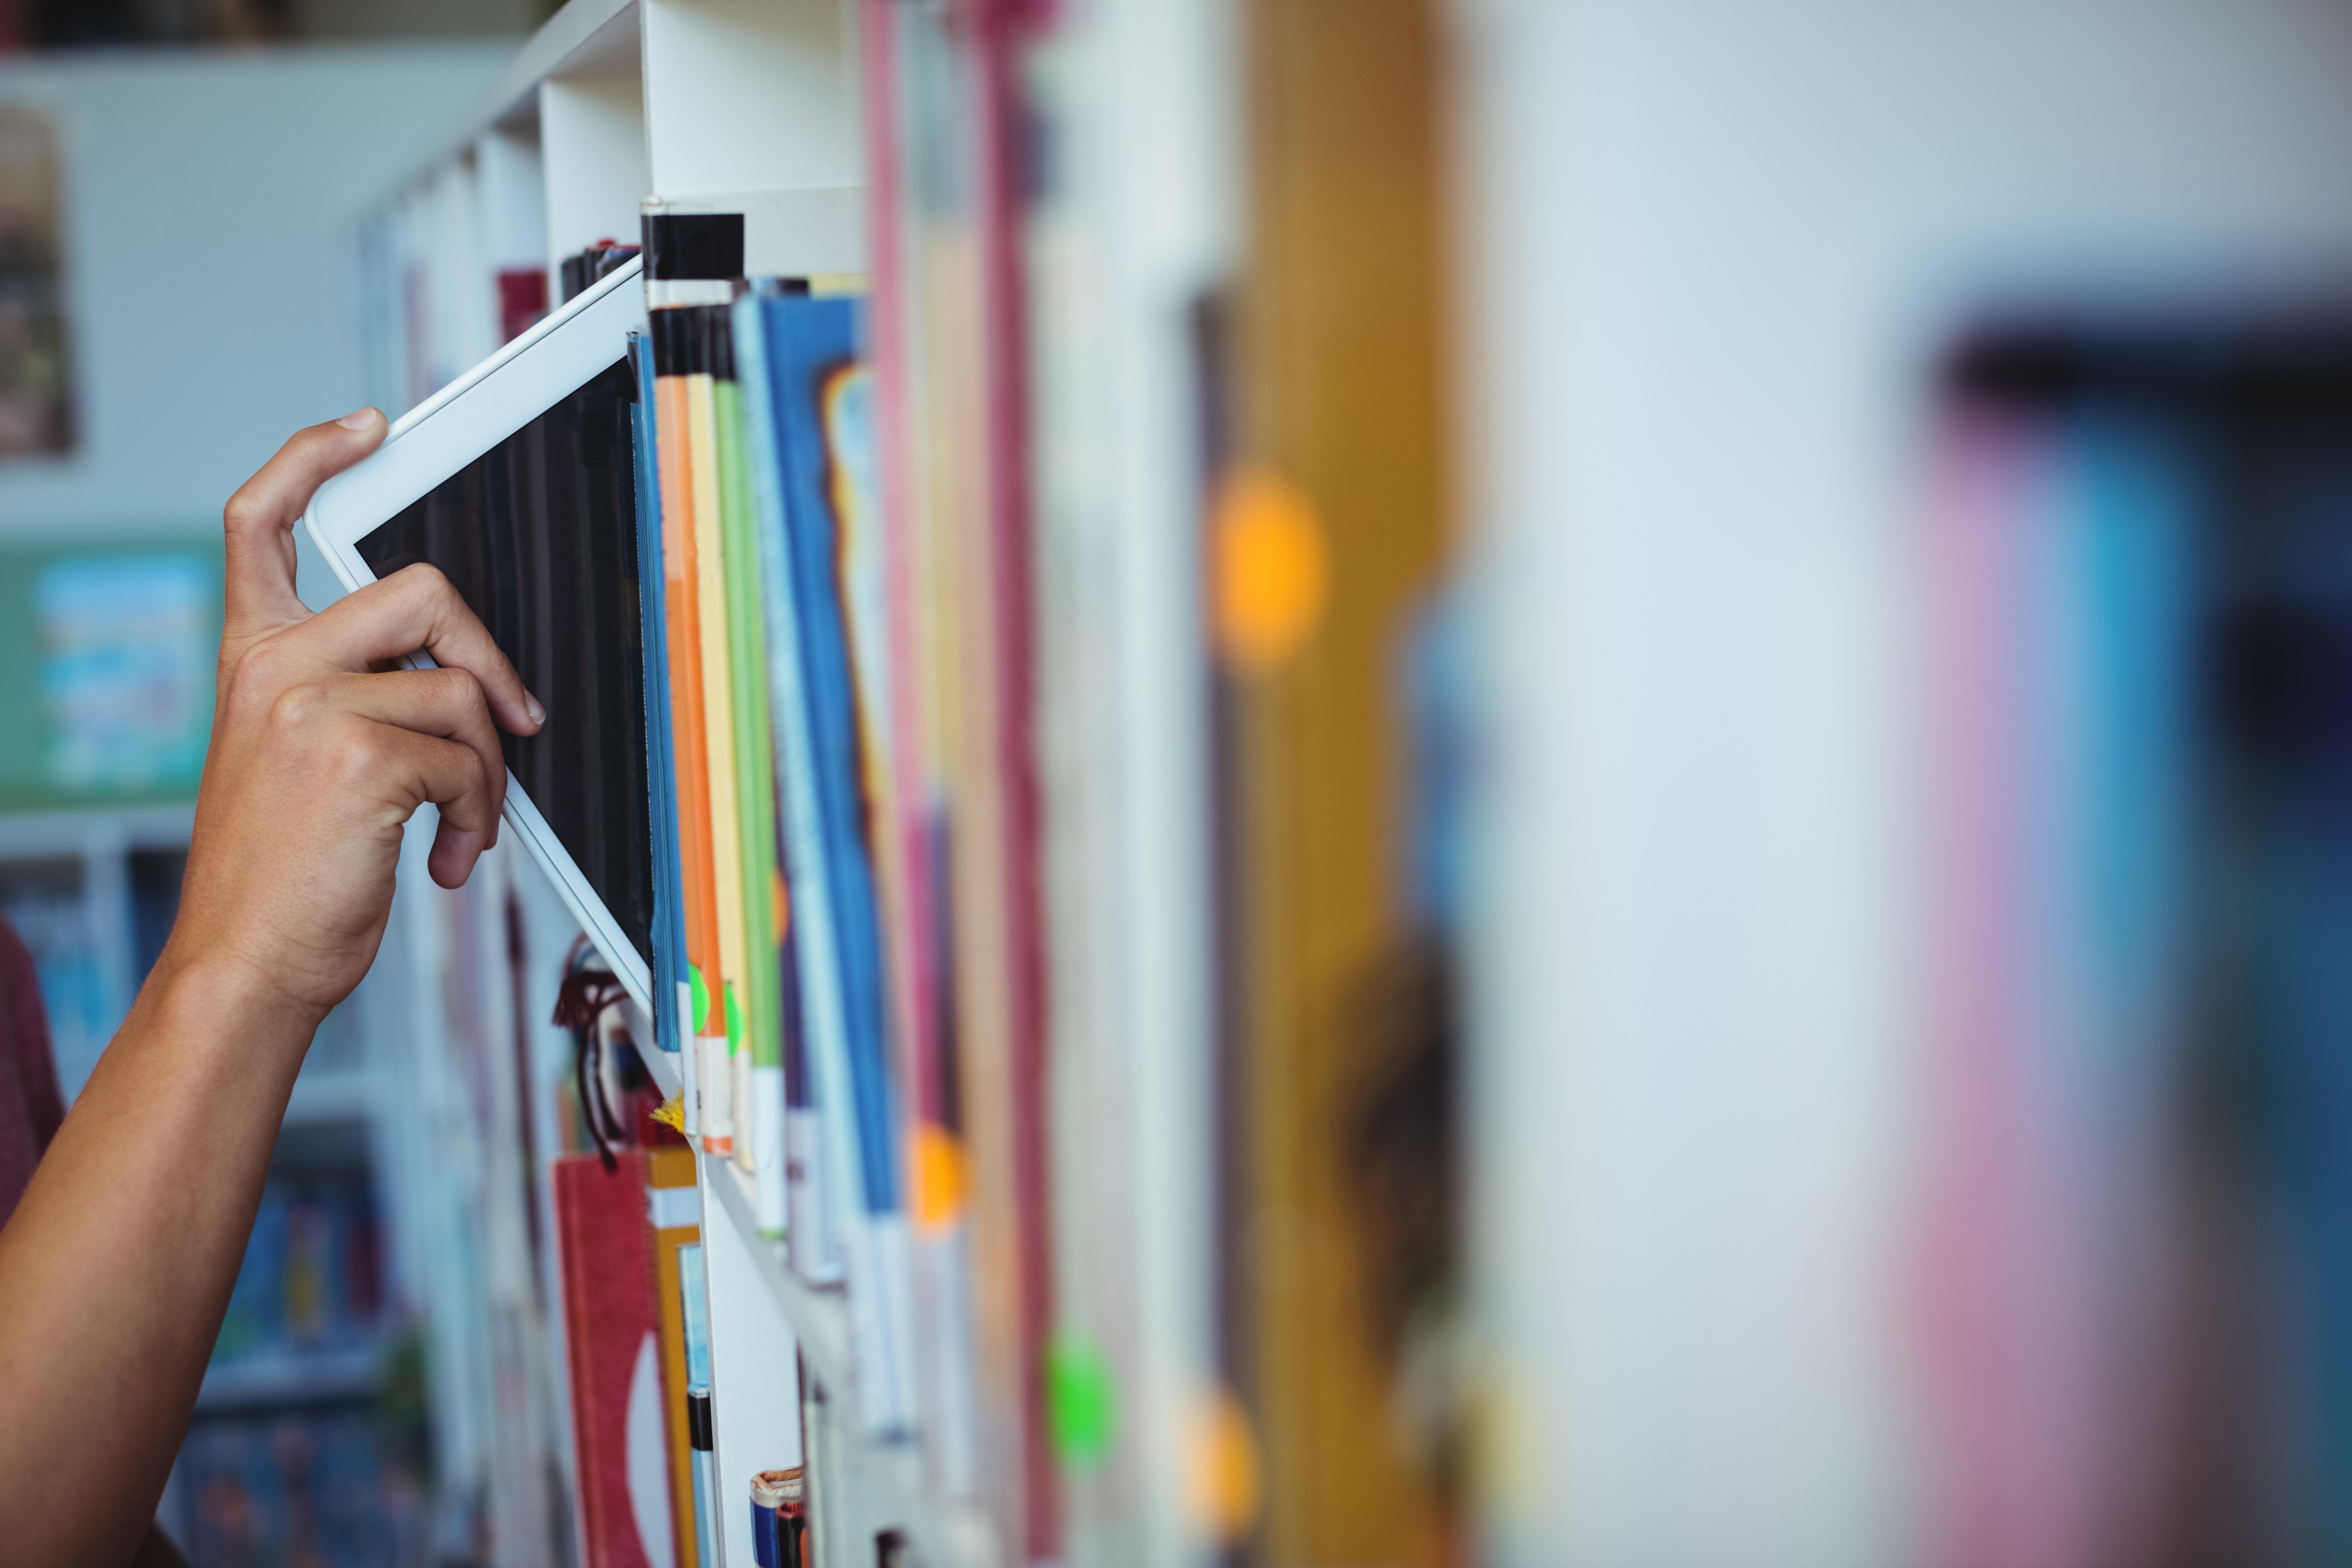 Ressources pédagogiques numériques : pourquoi les adopter et comment les choisir ?